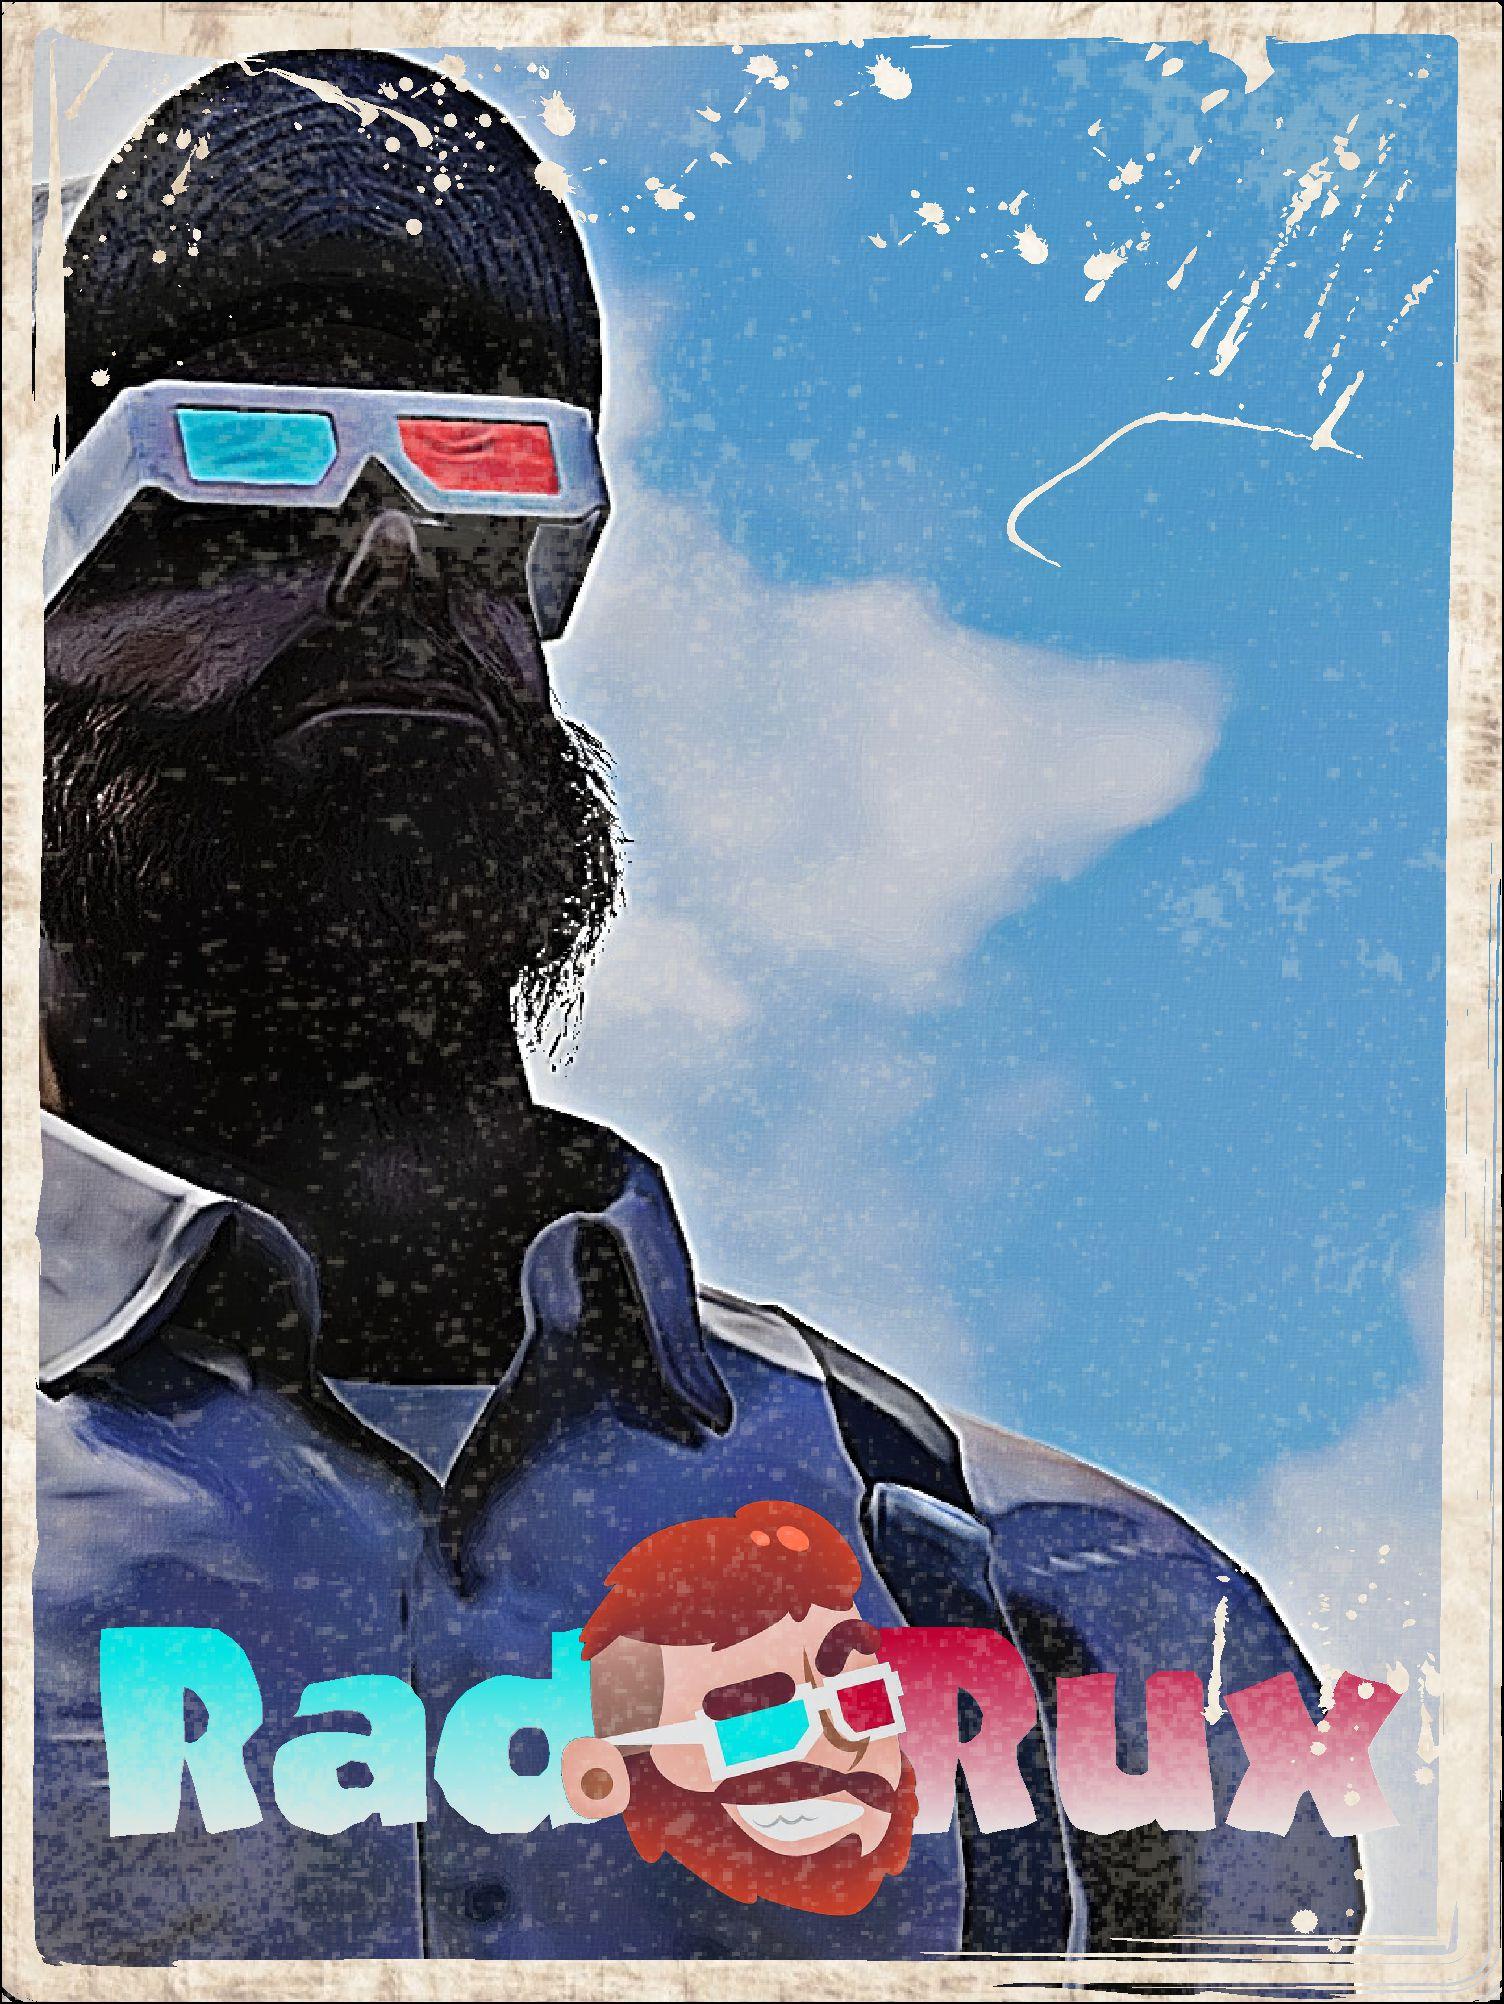 Rad Rux